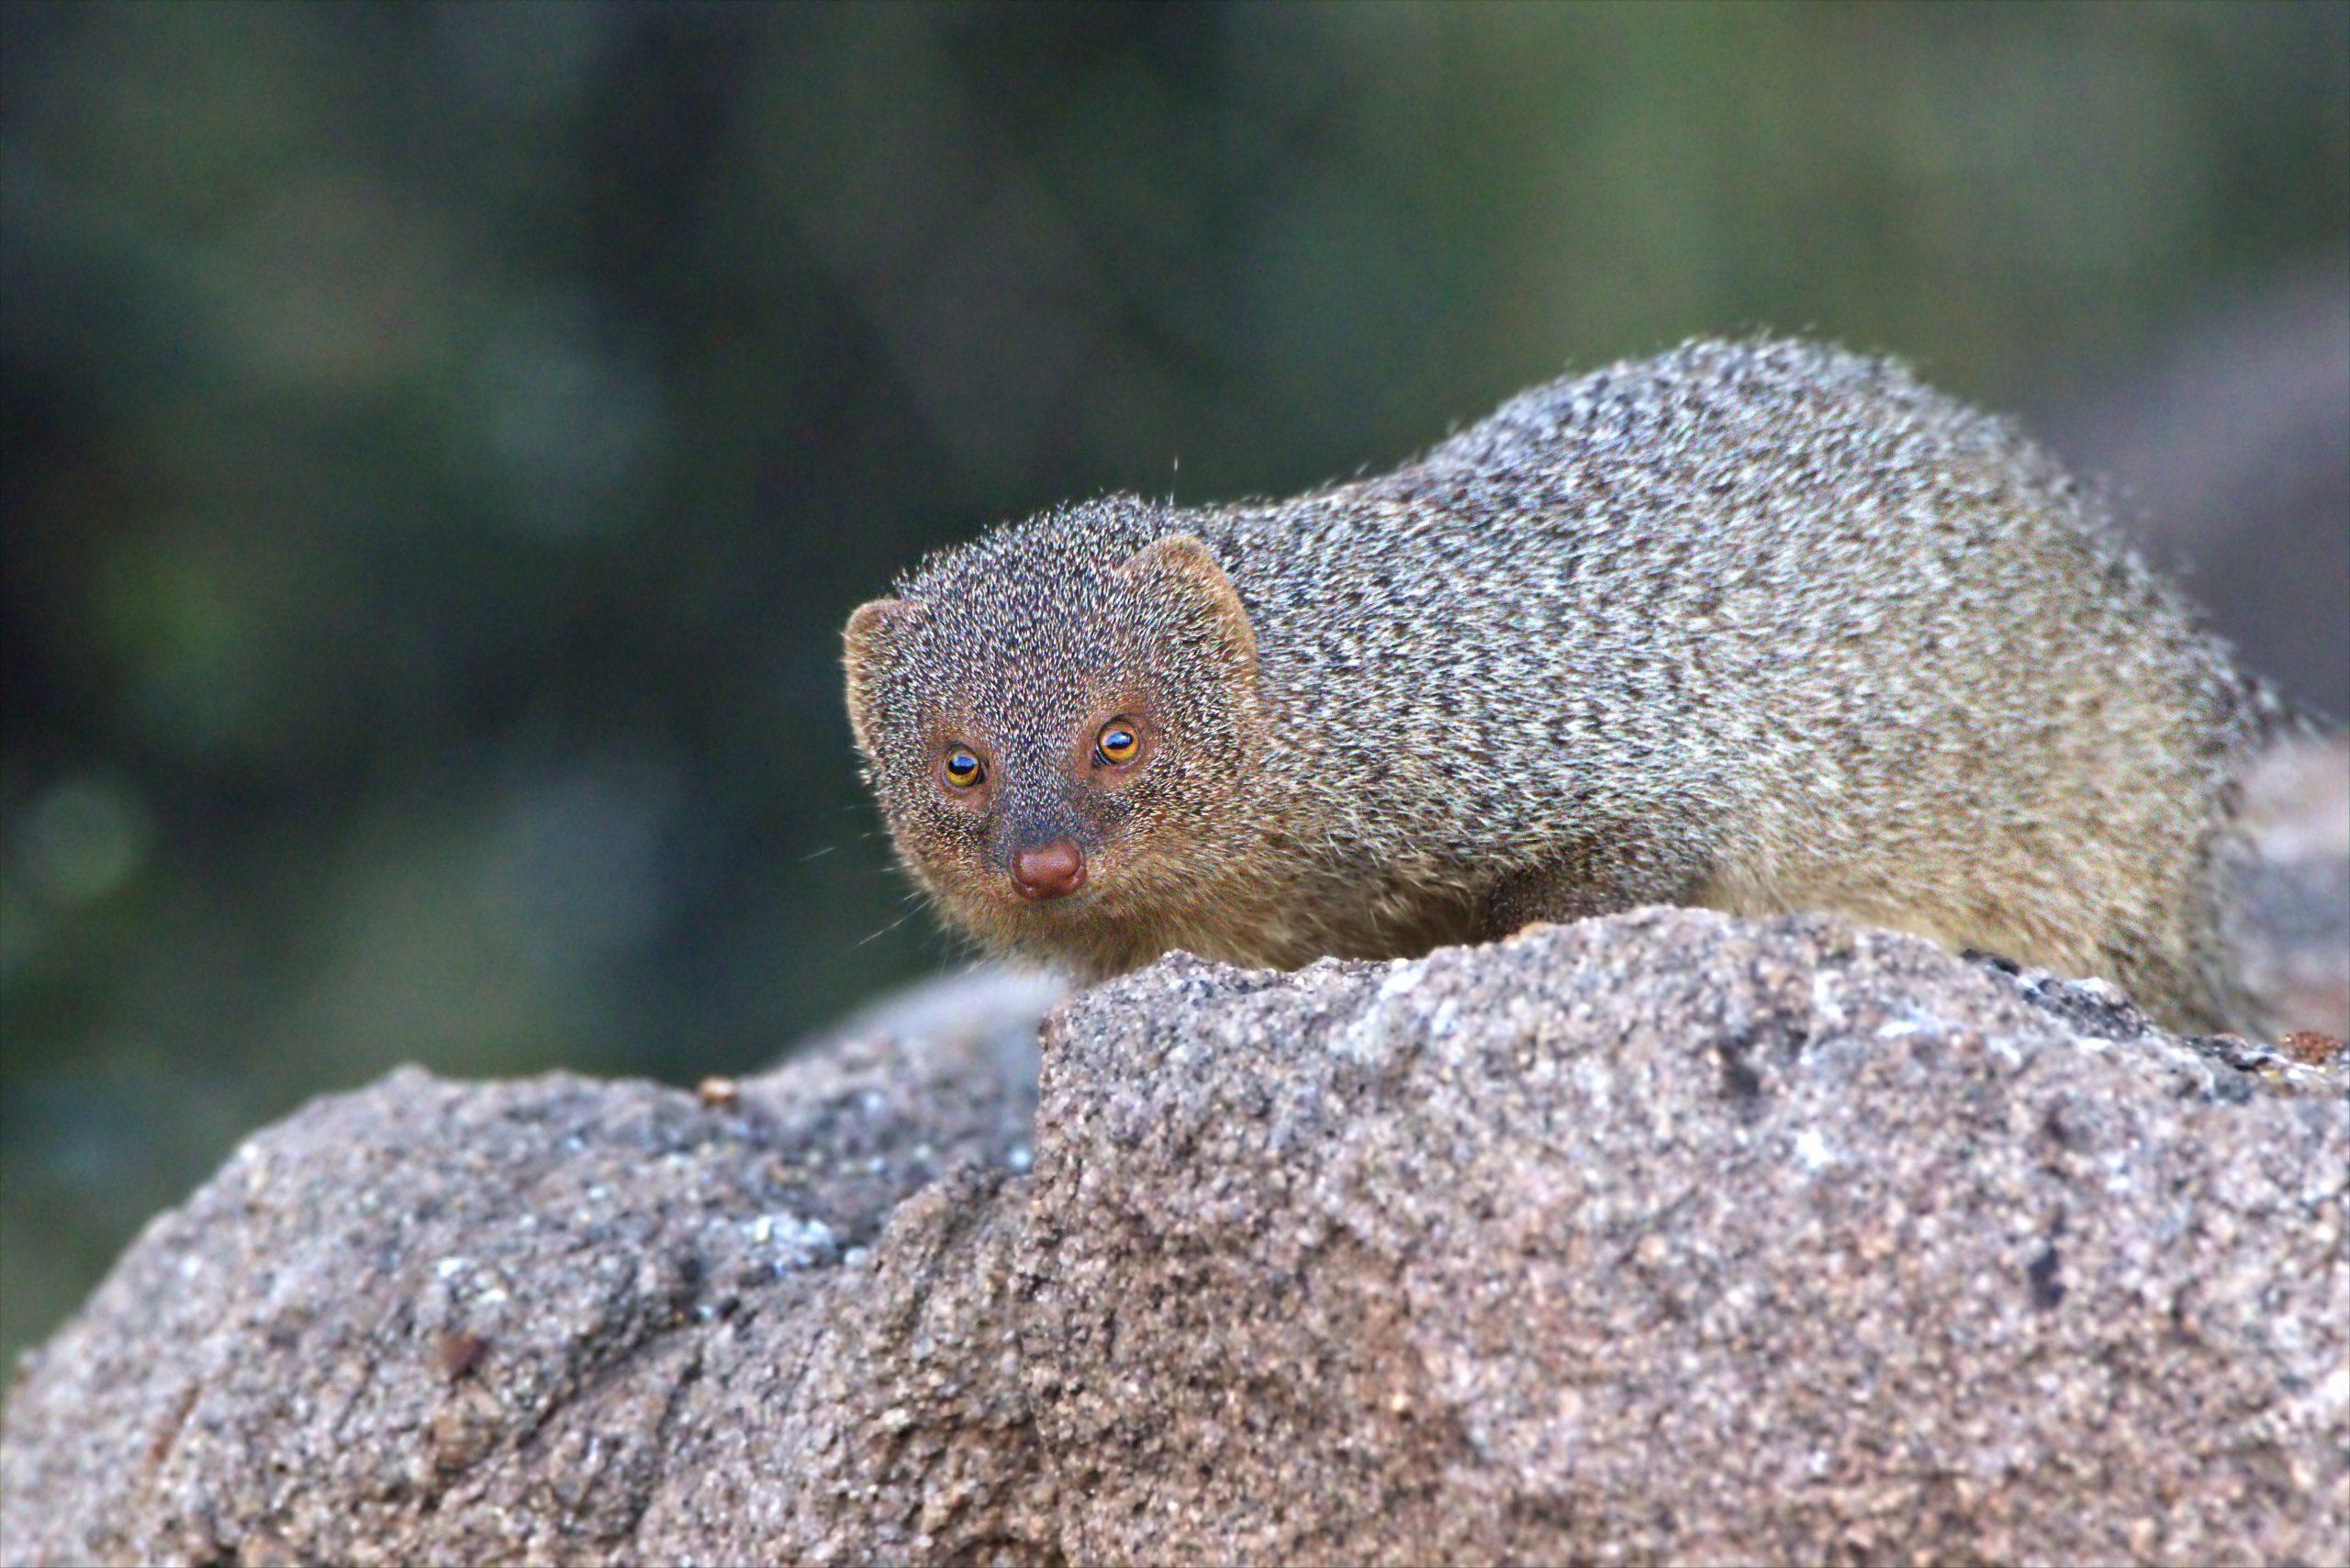 Weasel on rock